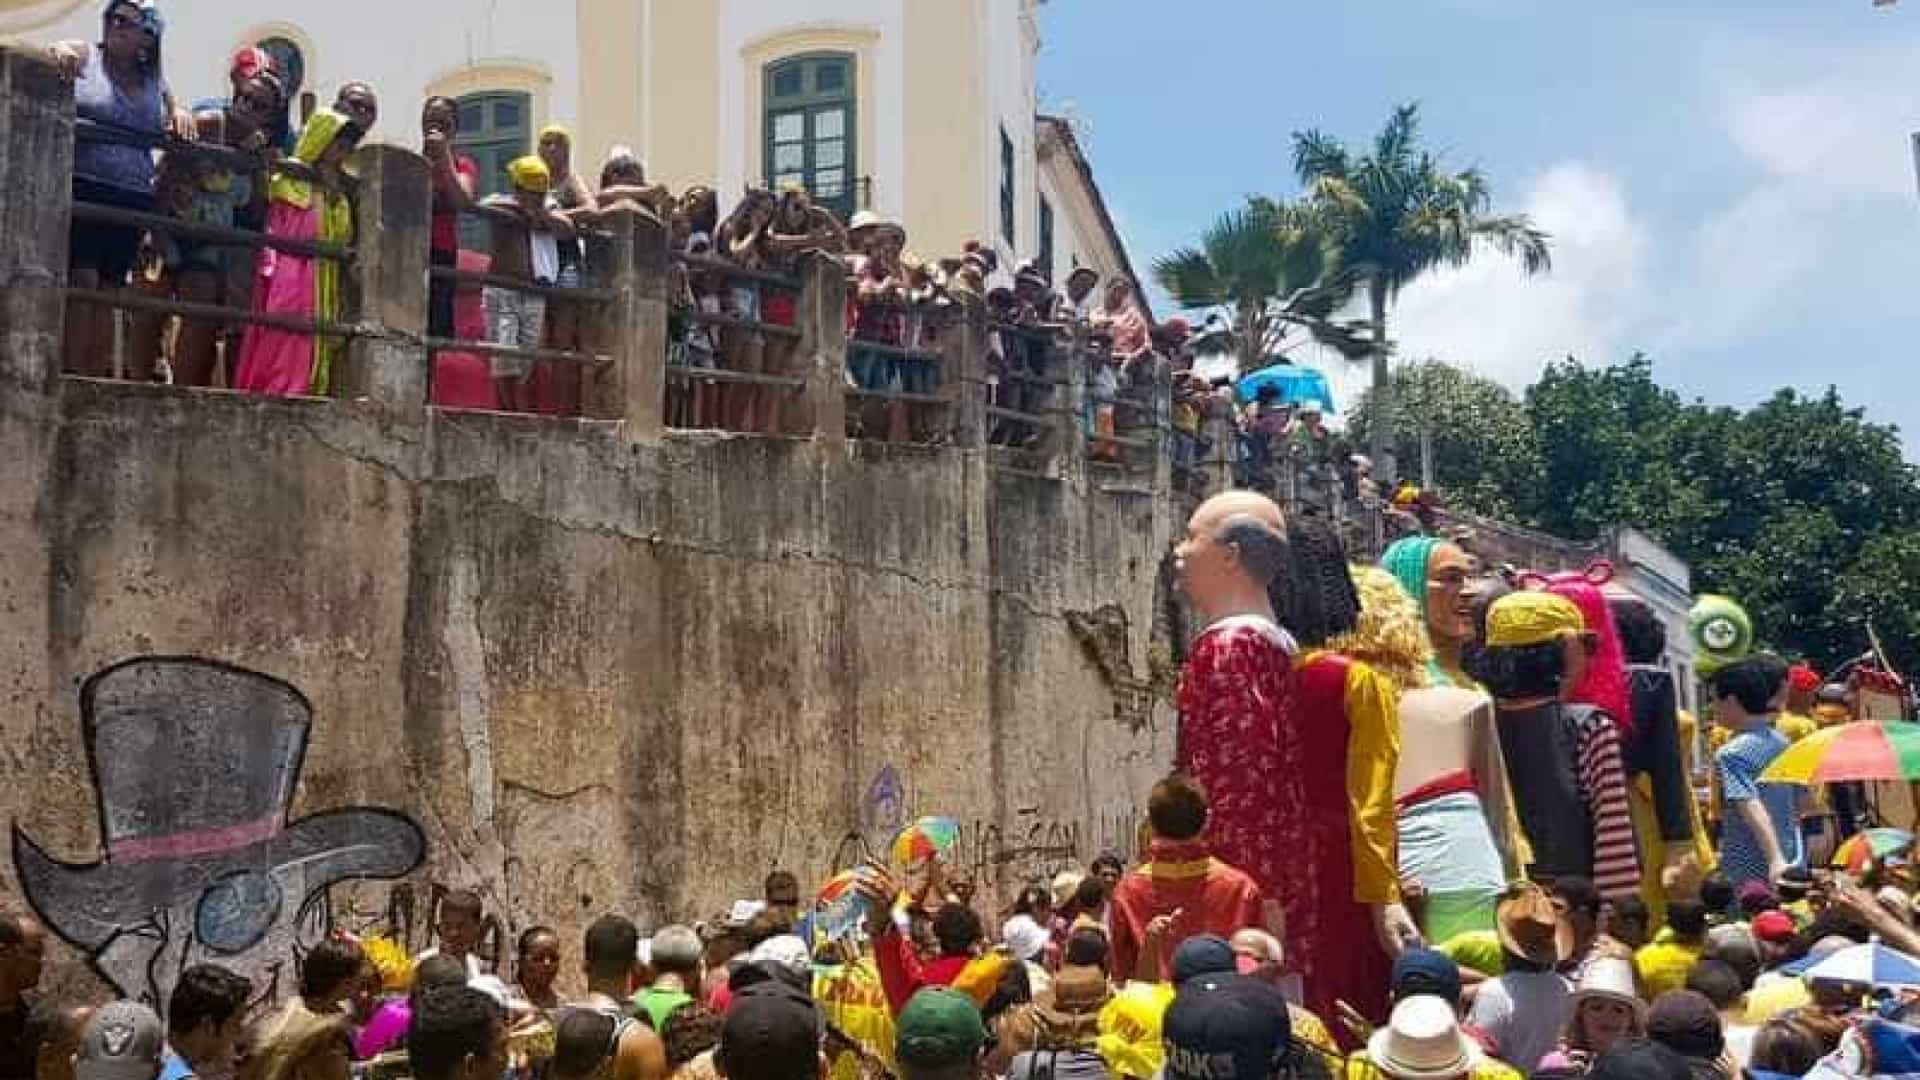 Cinquentão e popular, Bacalhau do Batata estende a festa em Olinda